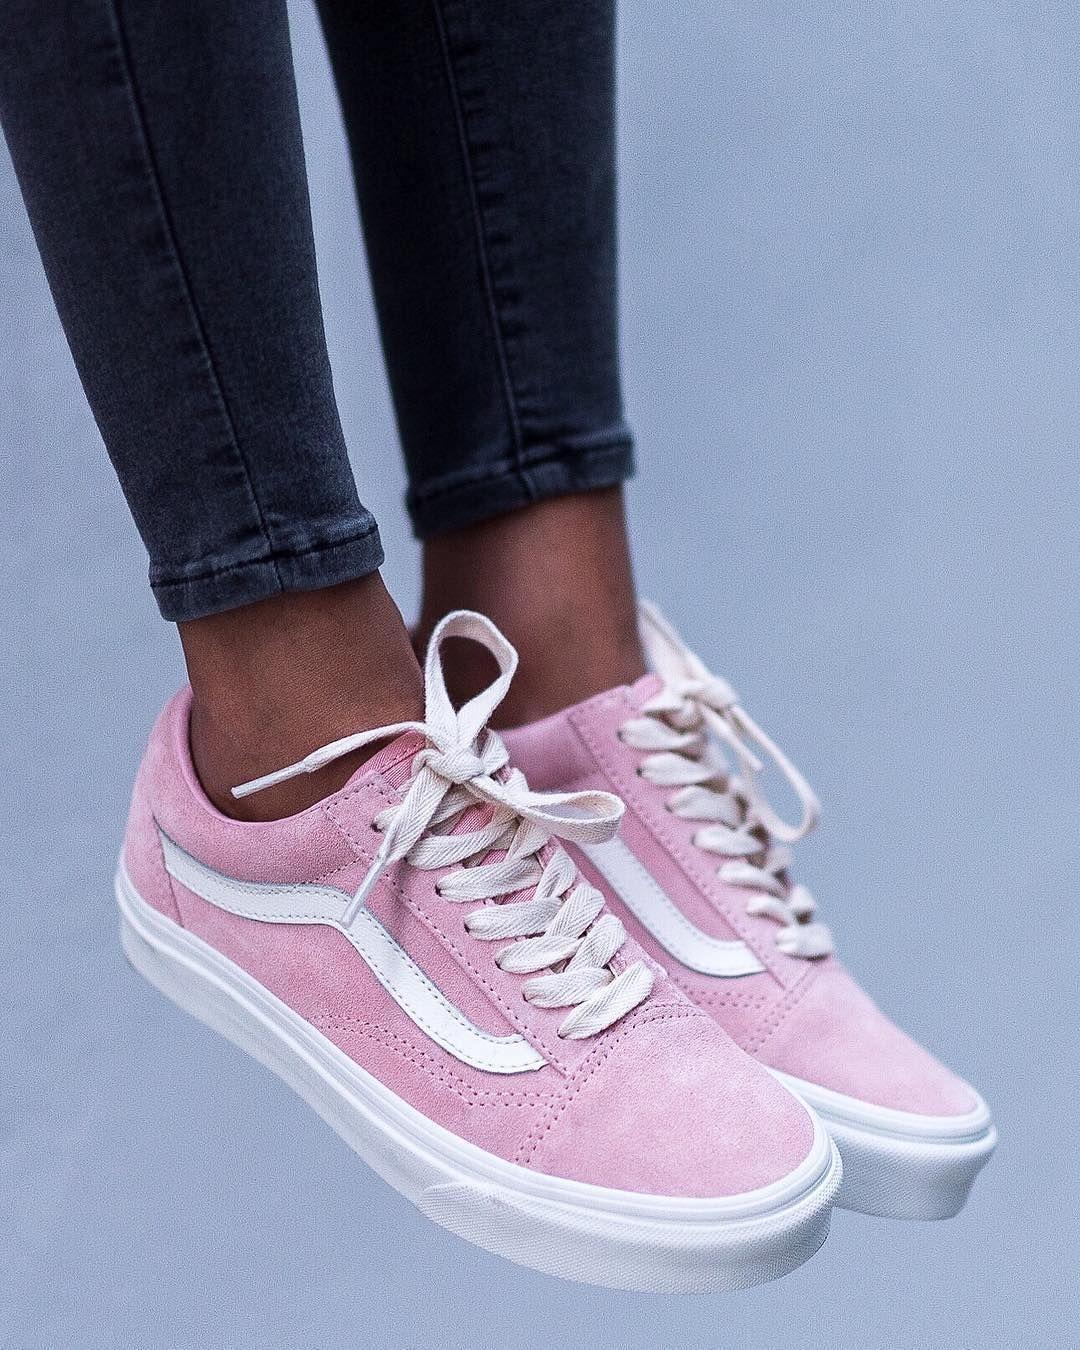 Vans Old Skool Zephyr & Weiße Schuhe :